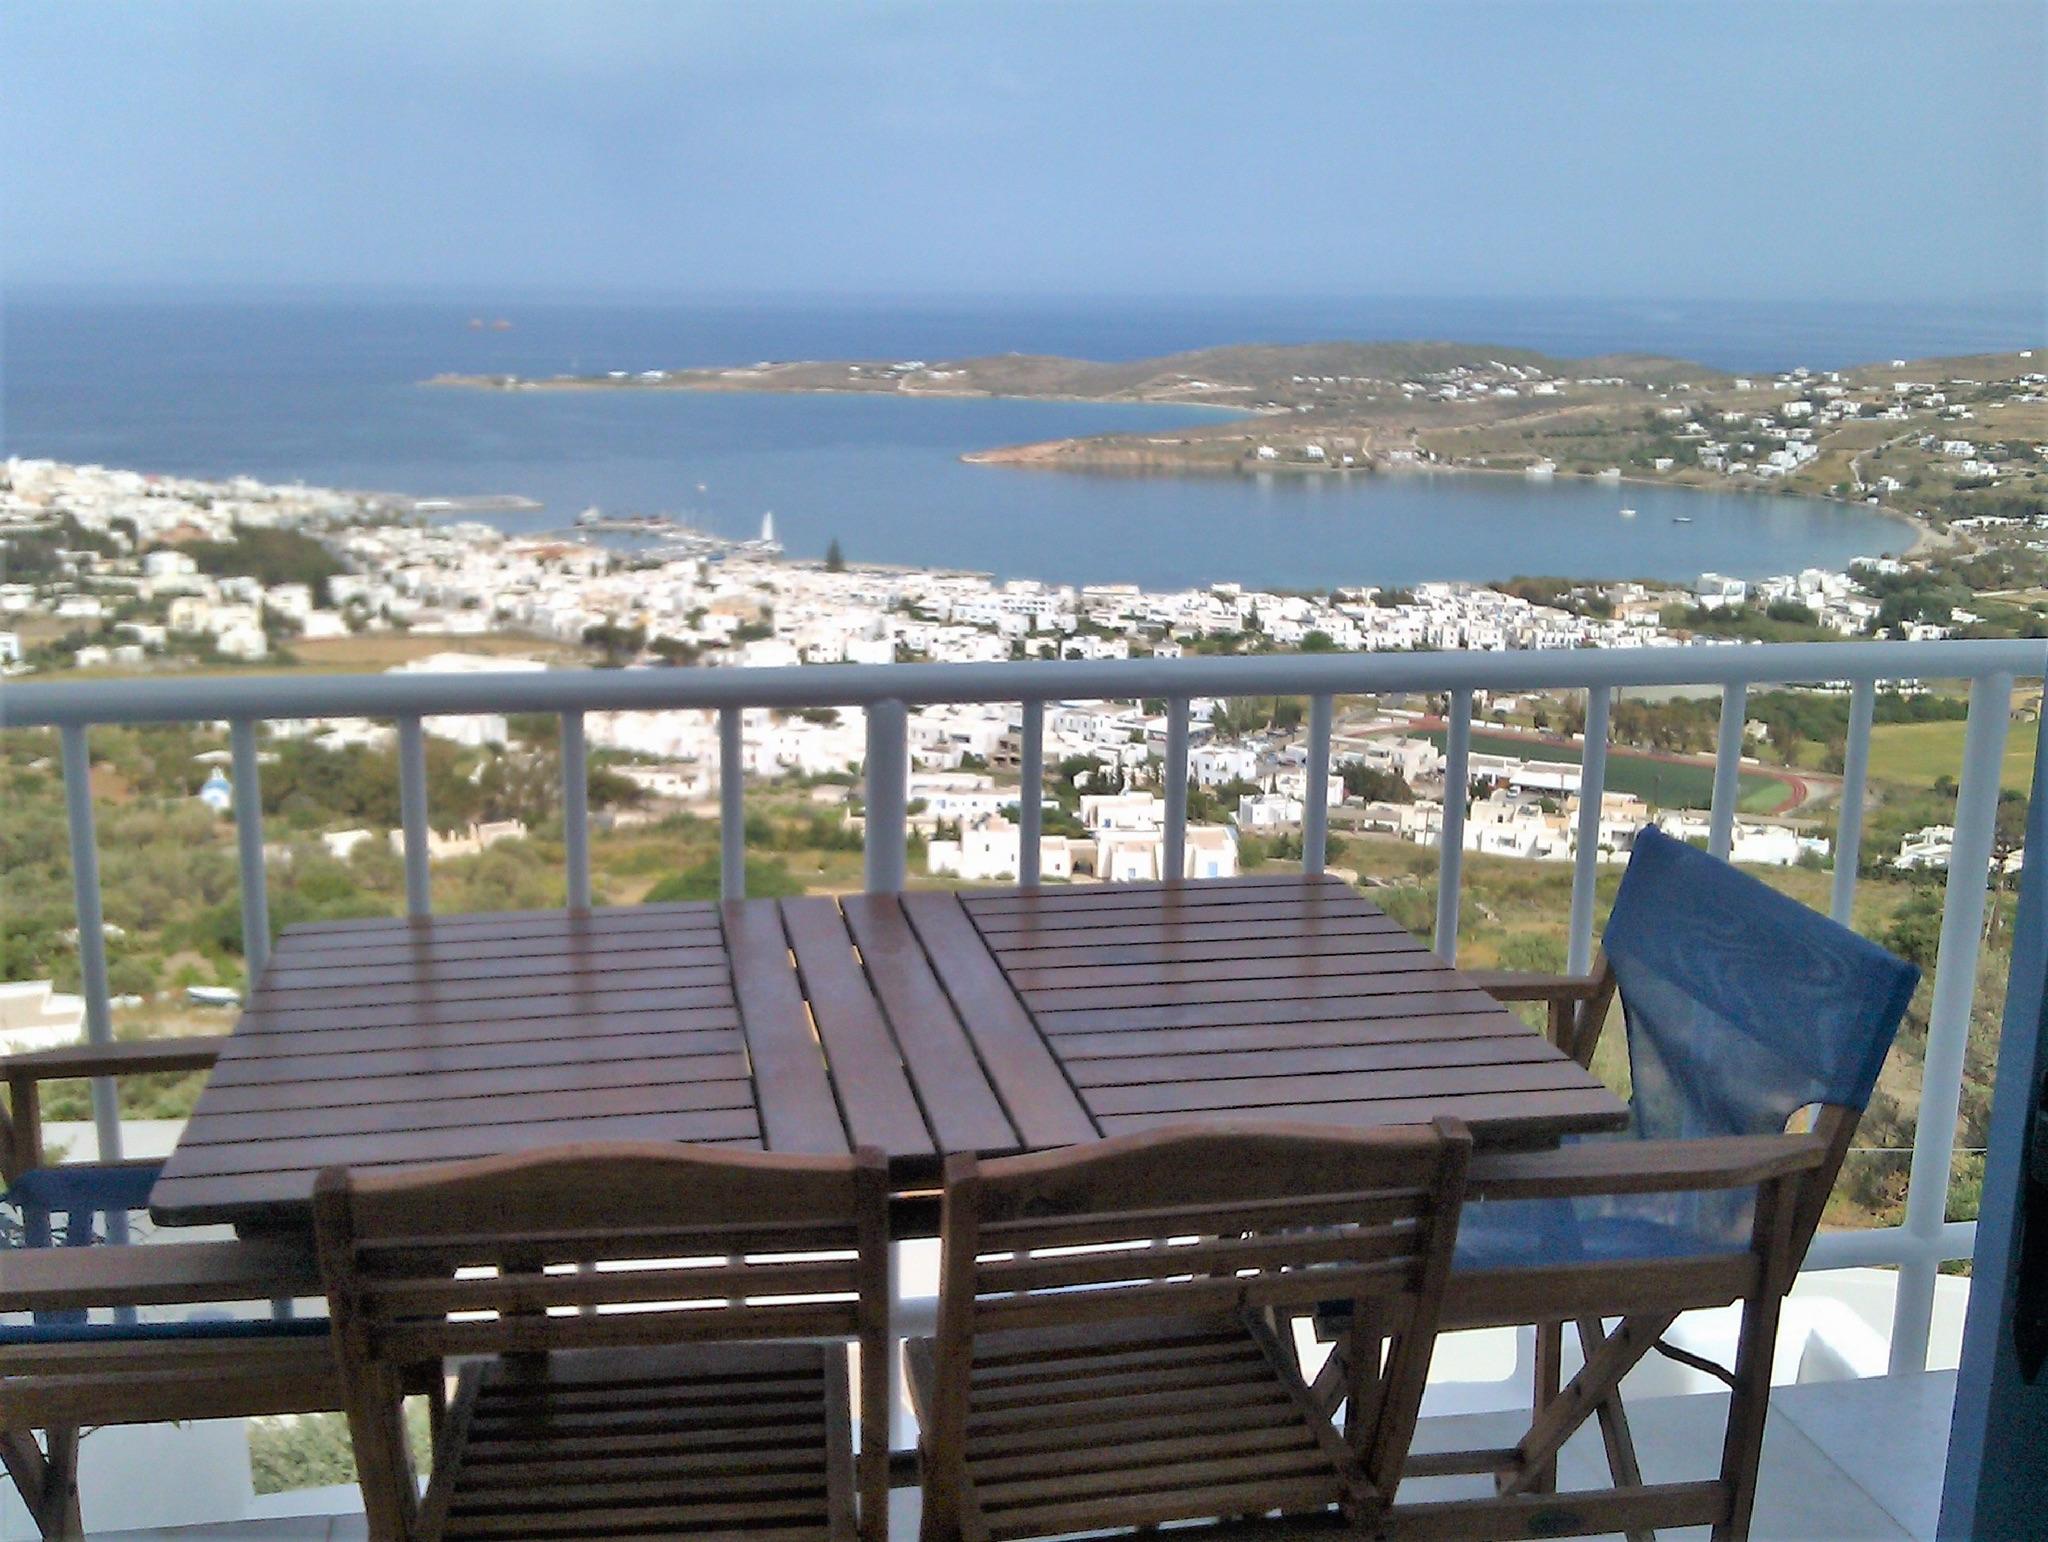 Ferienhaus Villa im Kykladen-Stil auf Paros (Griechenland), mit 2 Schlafzimmern, Gemeinschaftspool &  (2201782), Paros, Paros, Kykladen, Griechenland, Bild 15